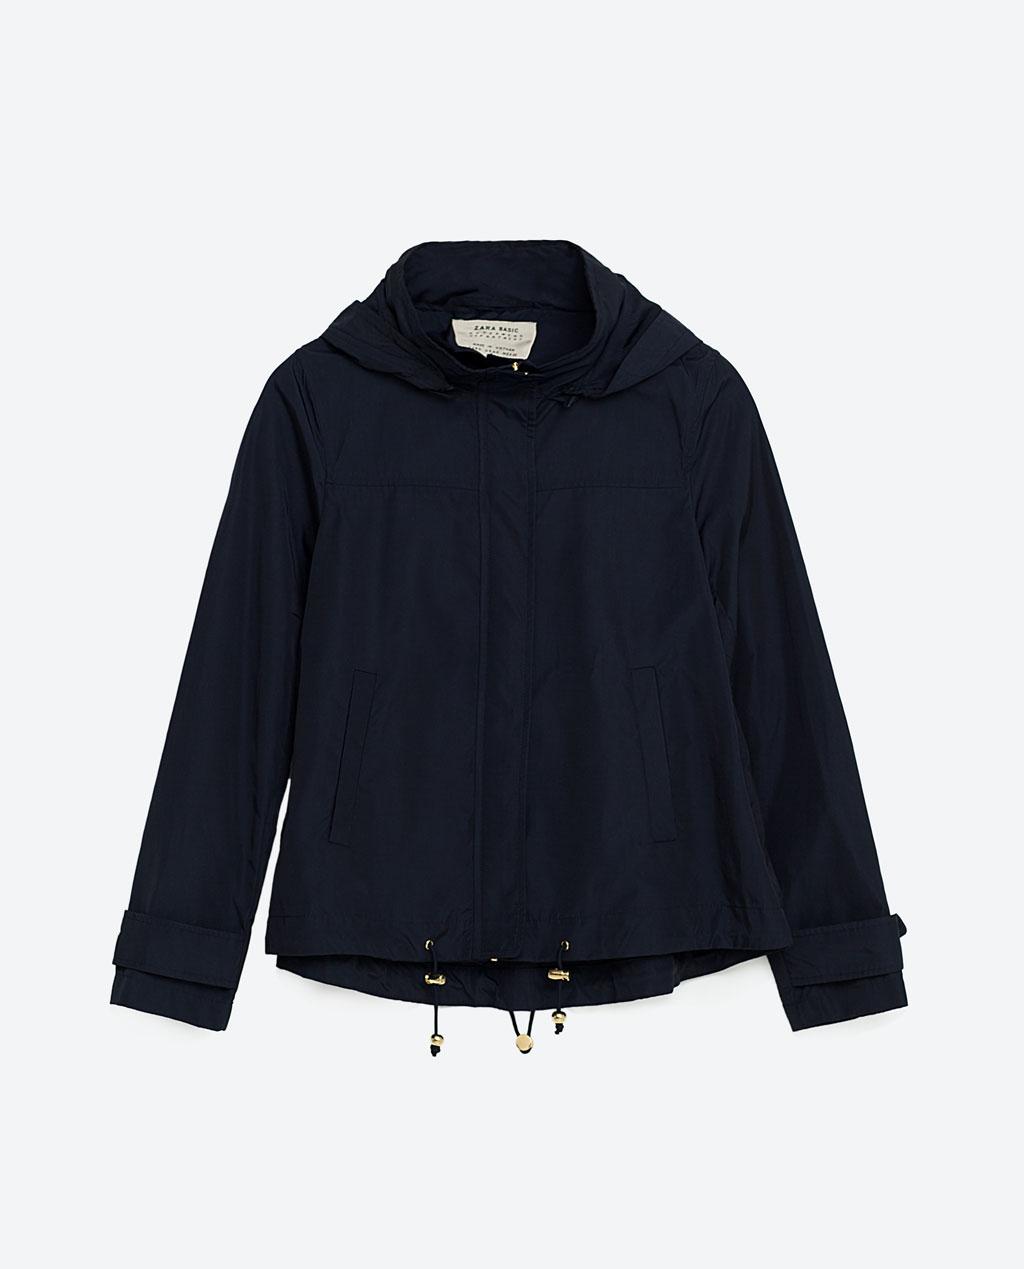 Zara water repellent jacket, from Zara.com